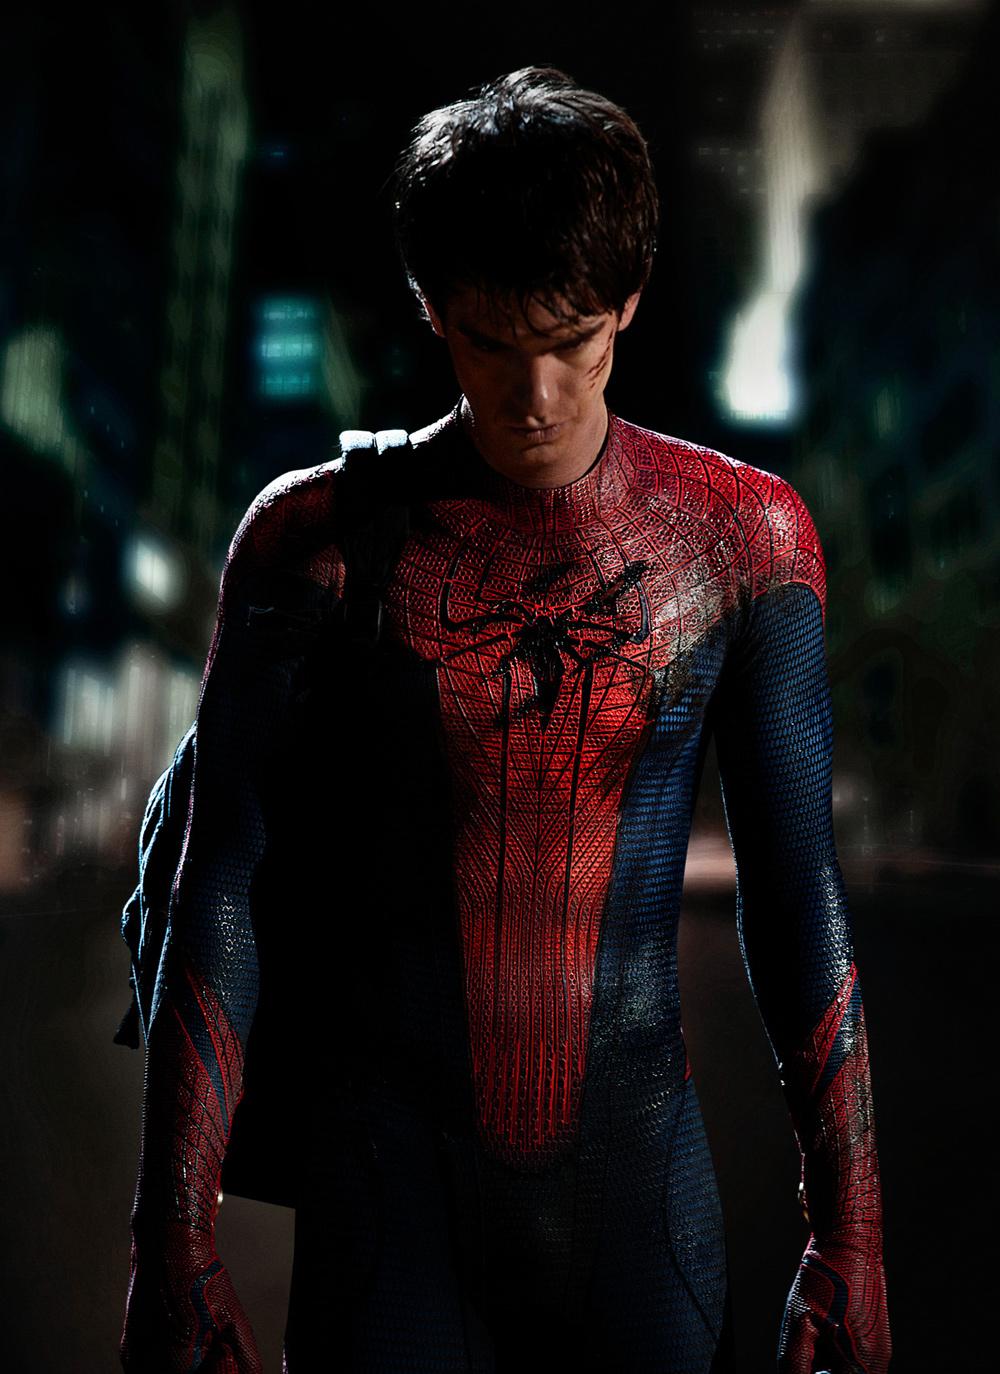 In foto Andrew Garfield (35 anni) Dall'articolo: La foto ufficiale di Andrew Garfield col costume di Spider-Man.